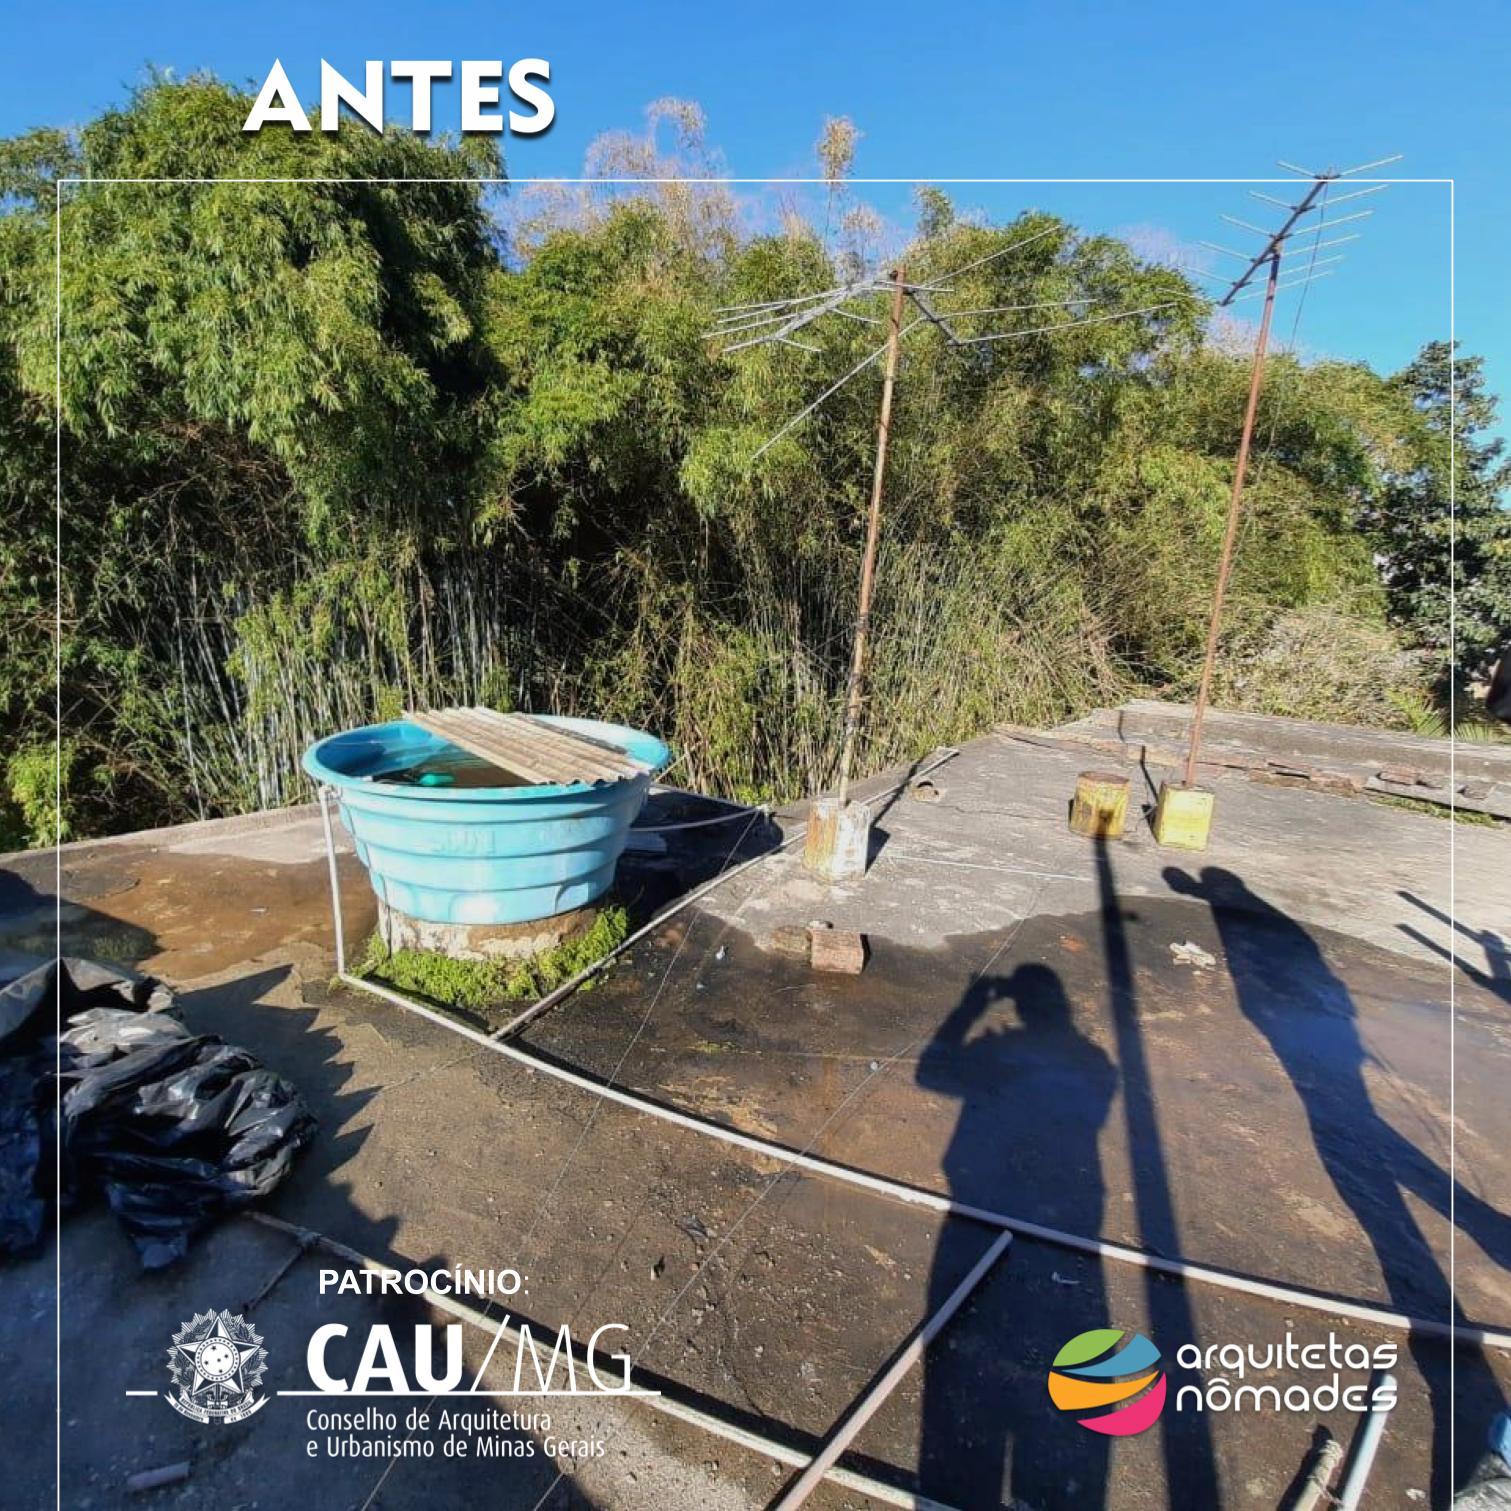 ANTES TELHADO1 – dlaura